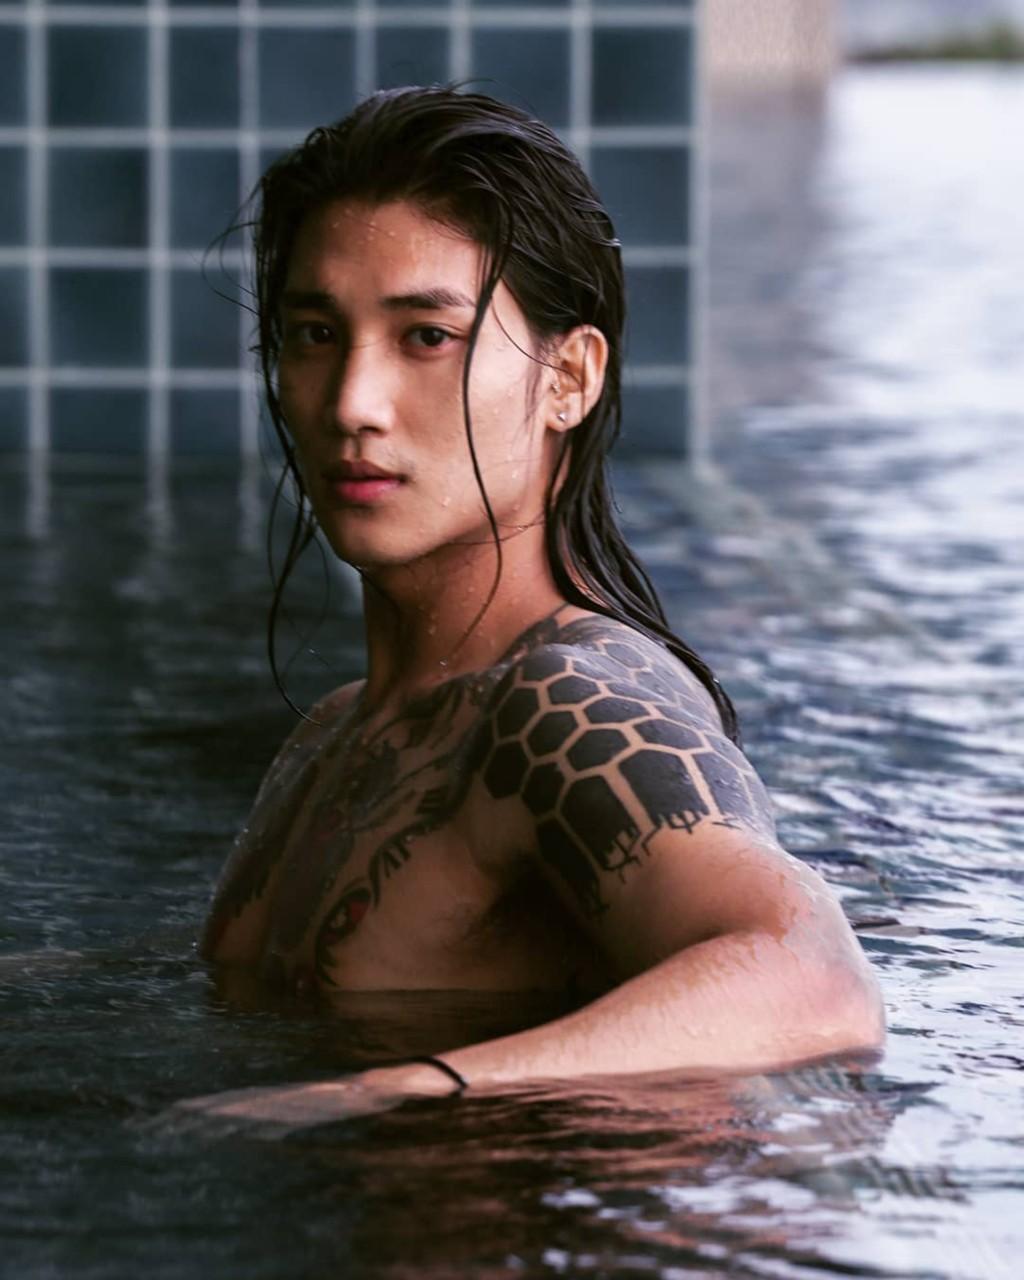 行走的荷爾蒙!他被封「亞洲水行俠」能下廚、愛動物:根本完美男友